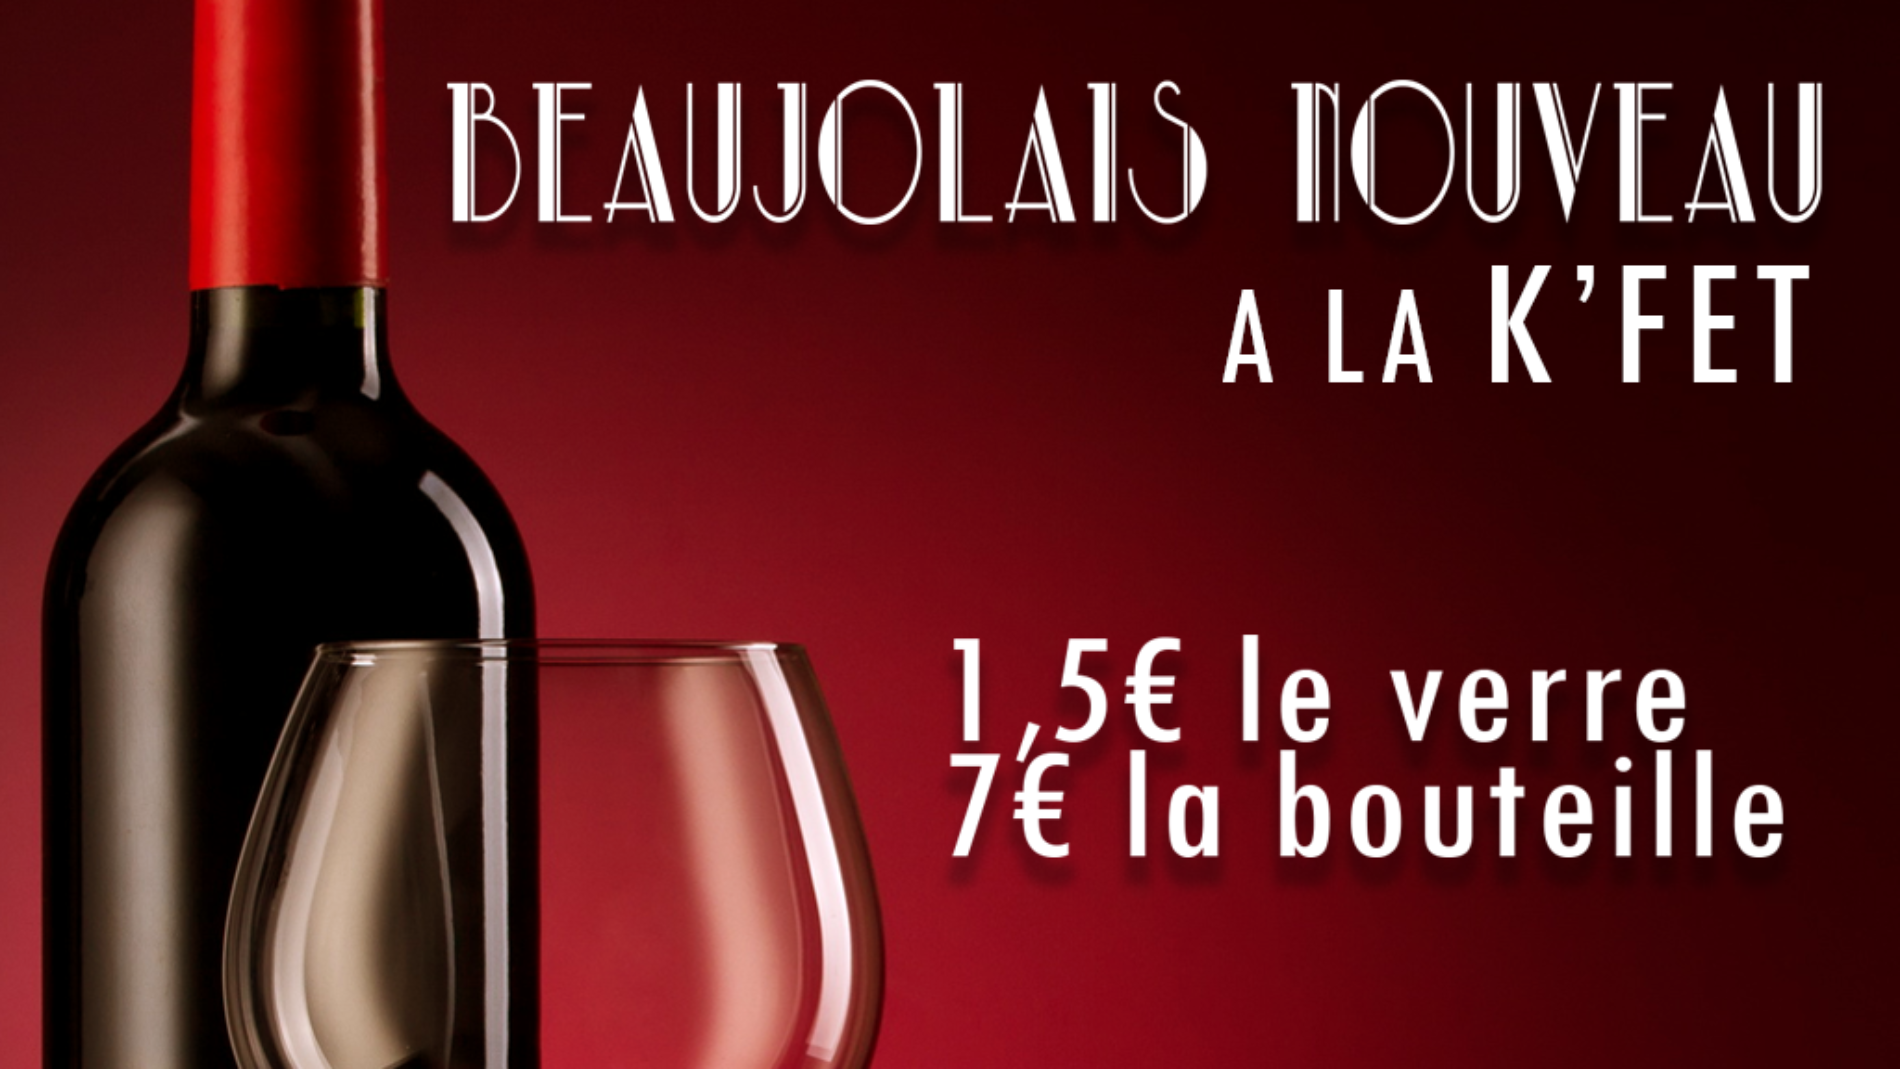 BEAUJOlais-BANNIERE-Récupéré (2)